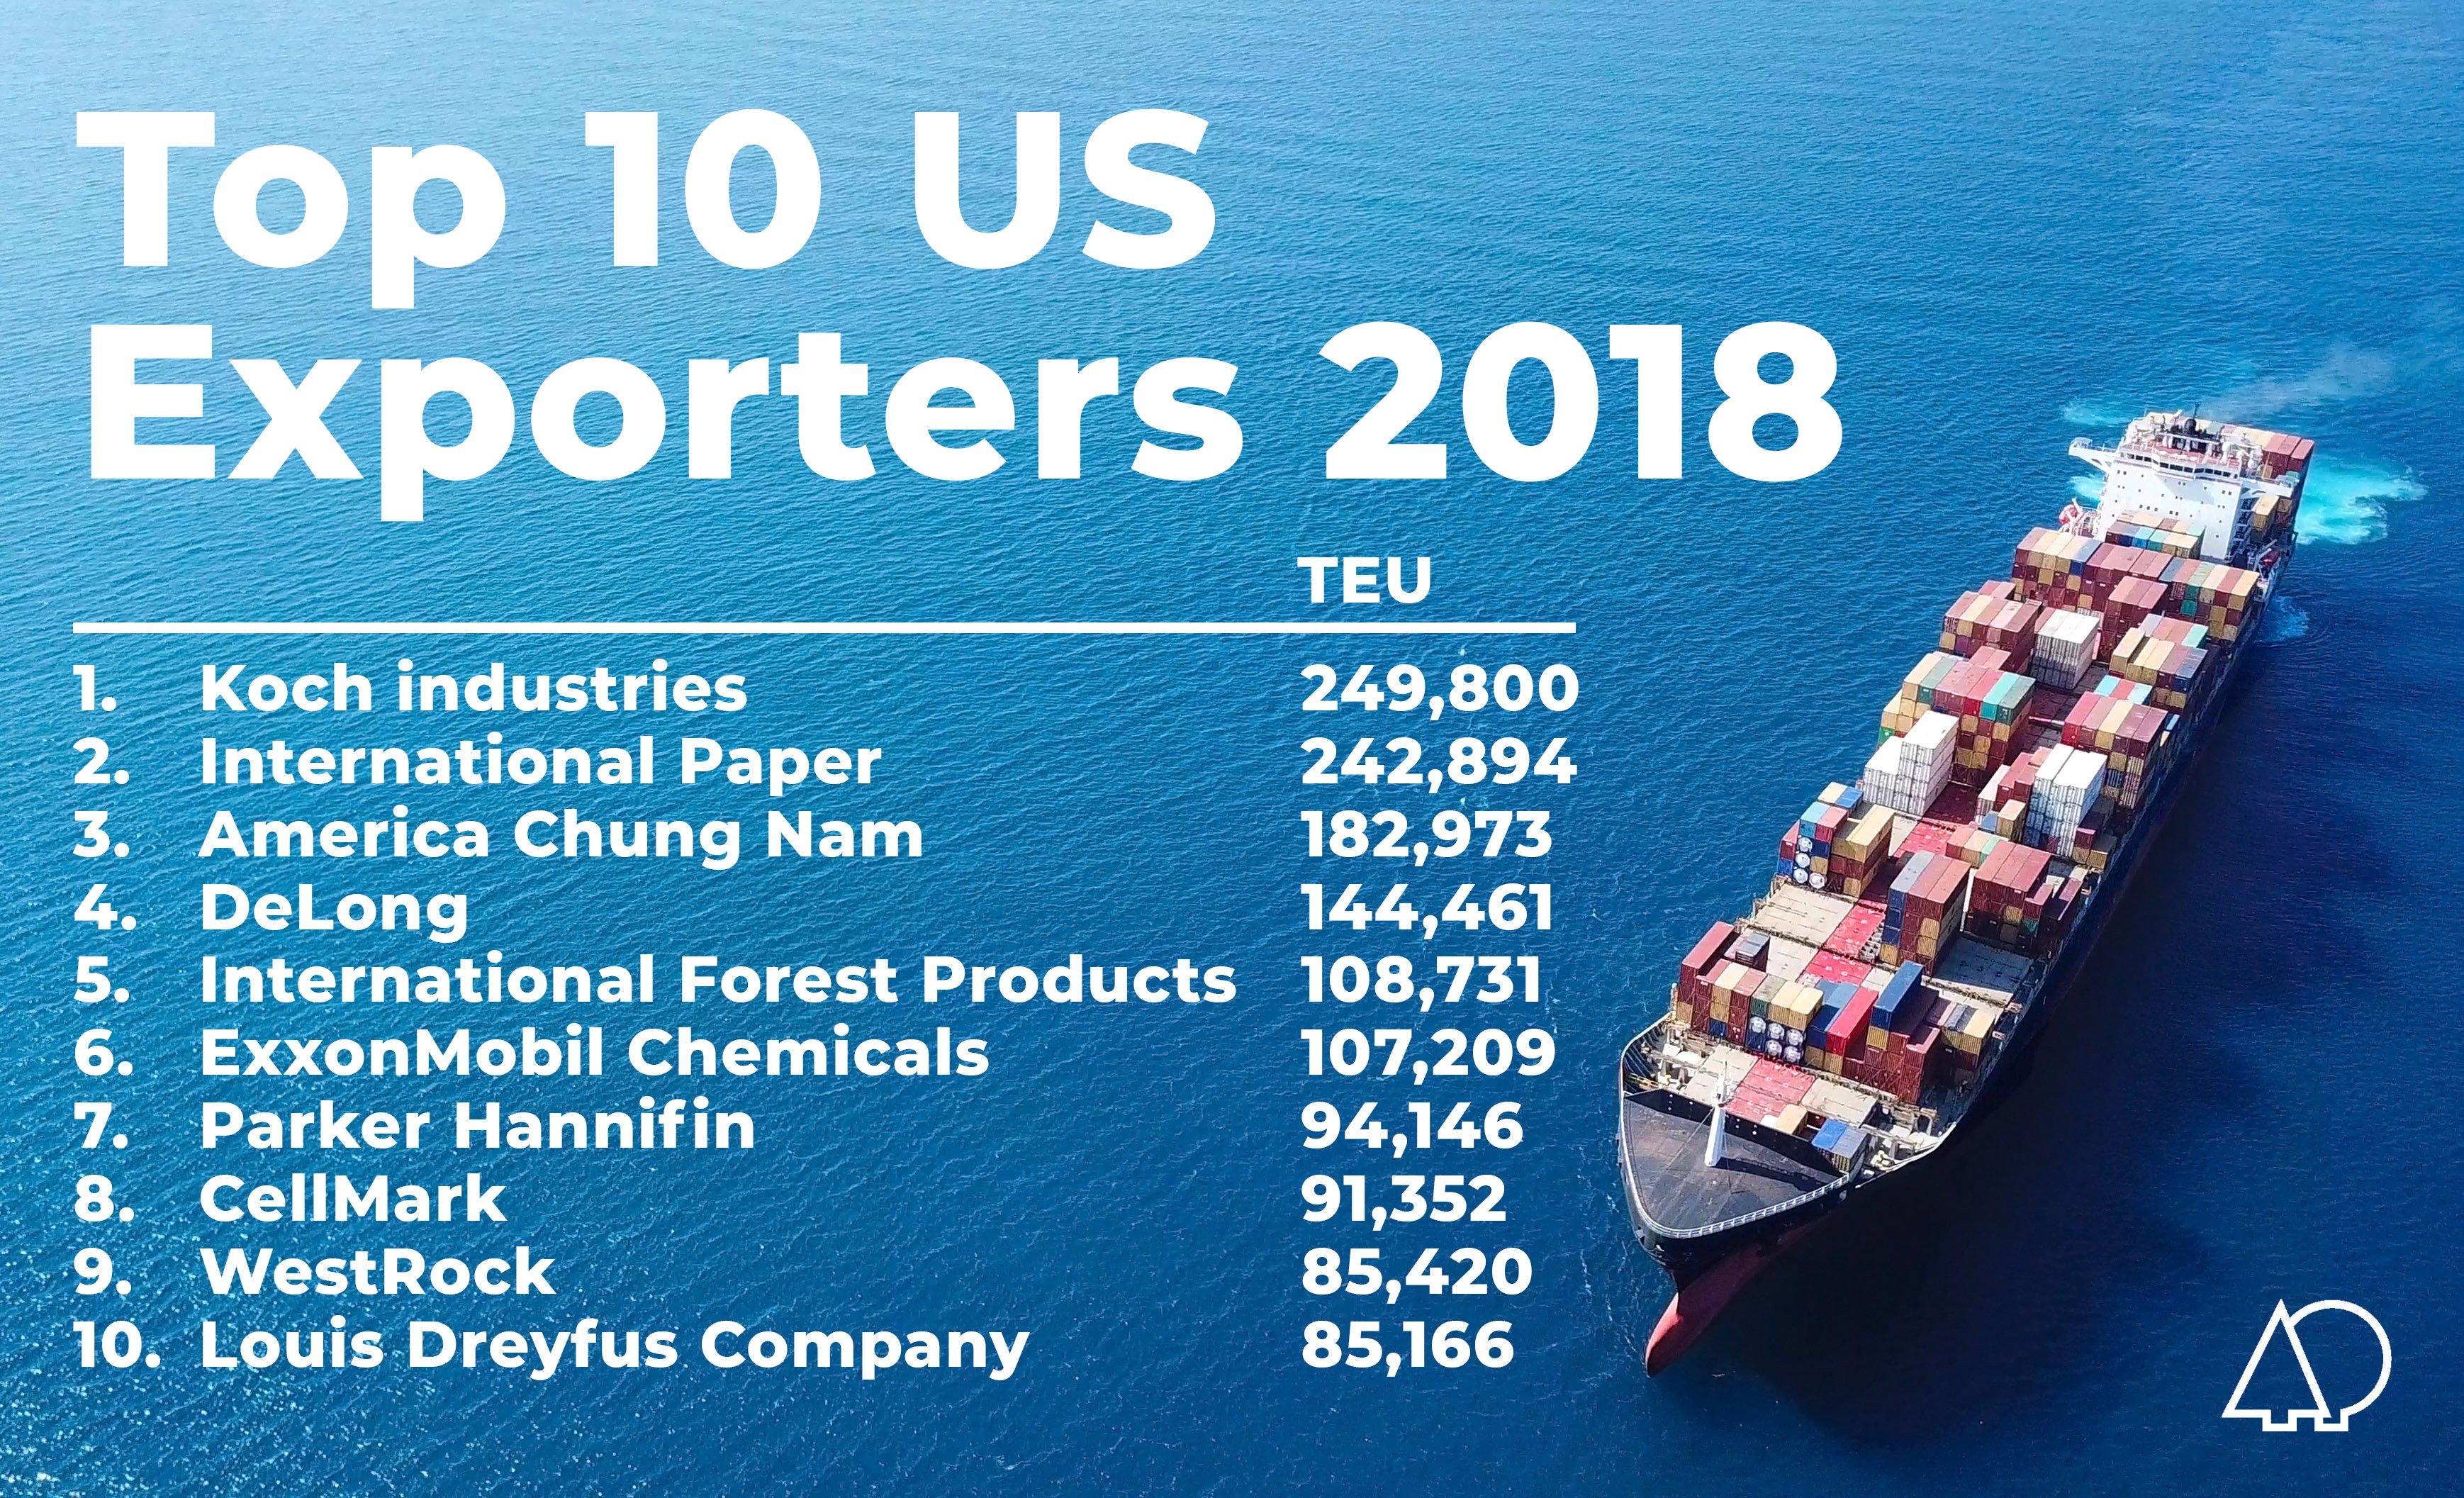 List of top 10 US exporters.